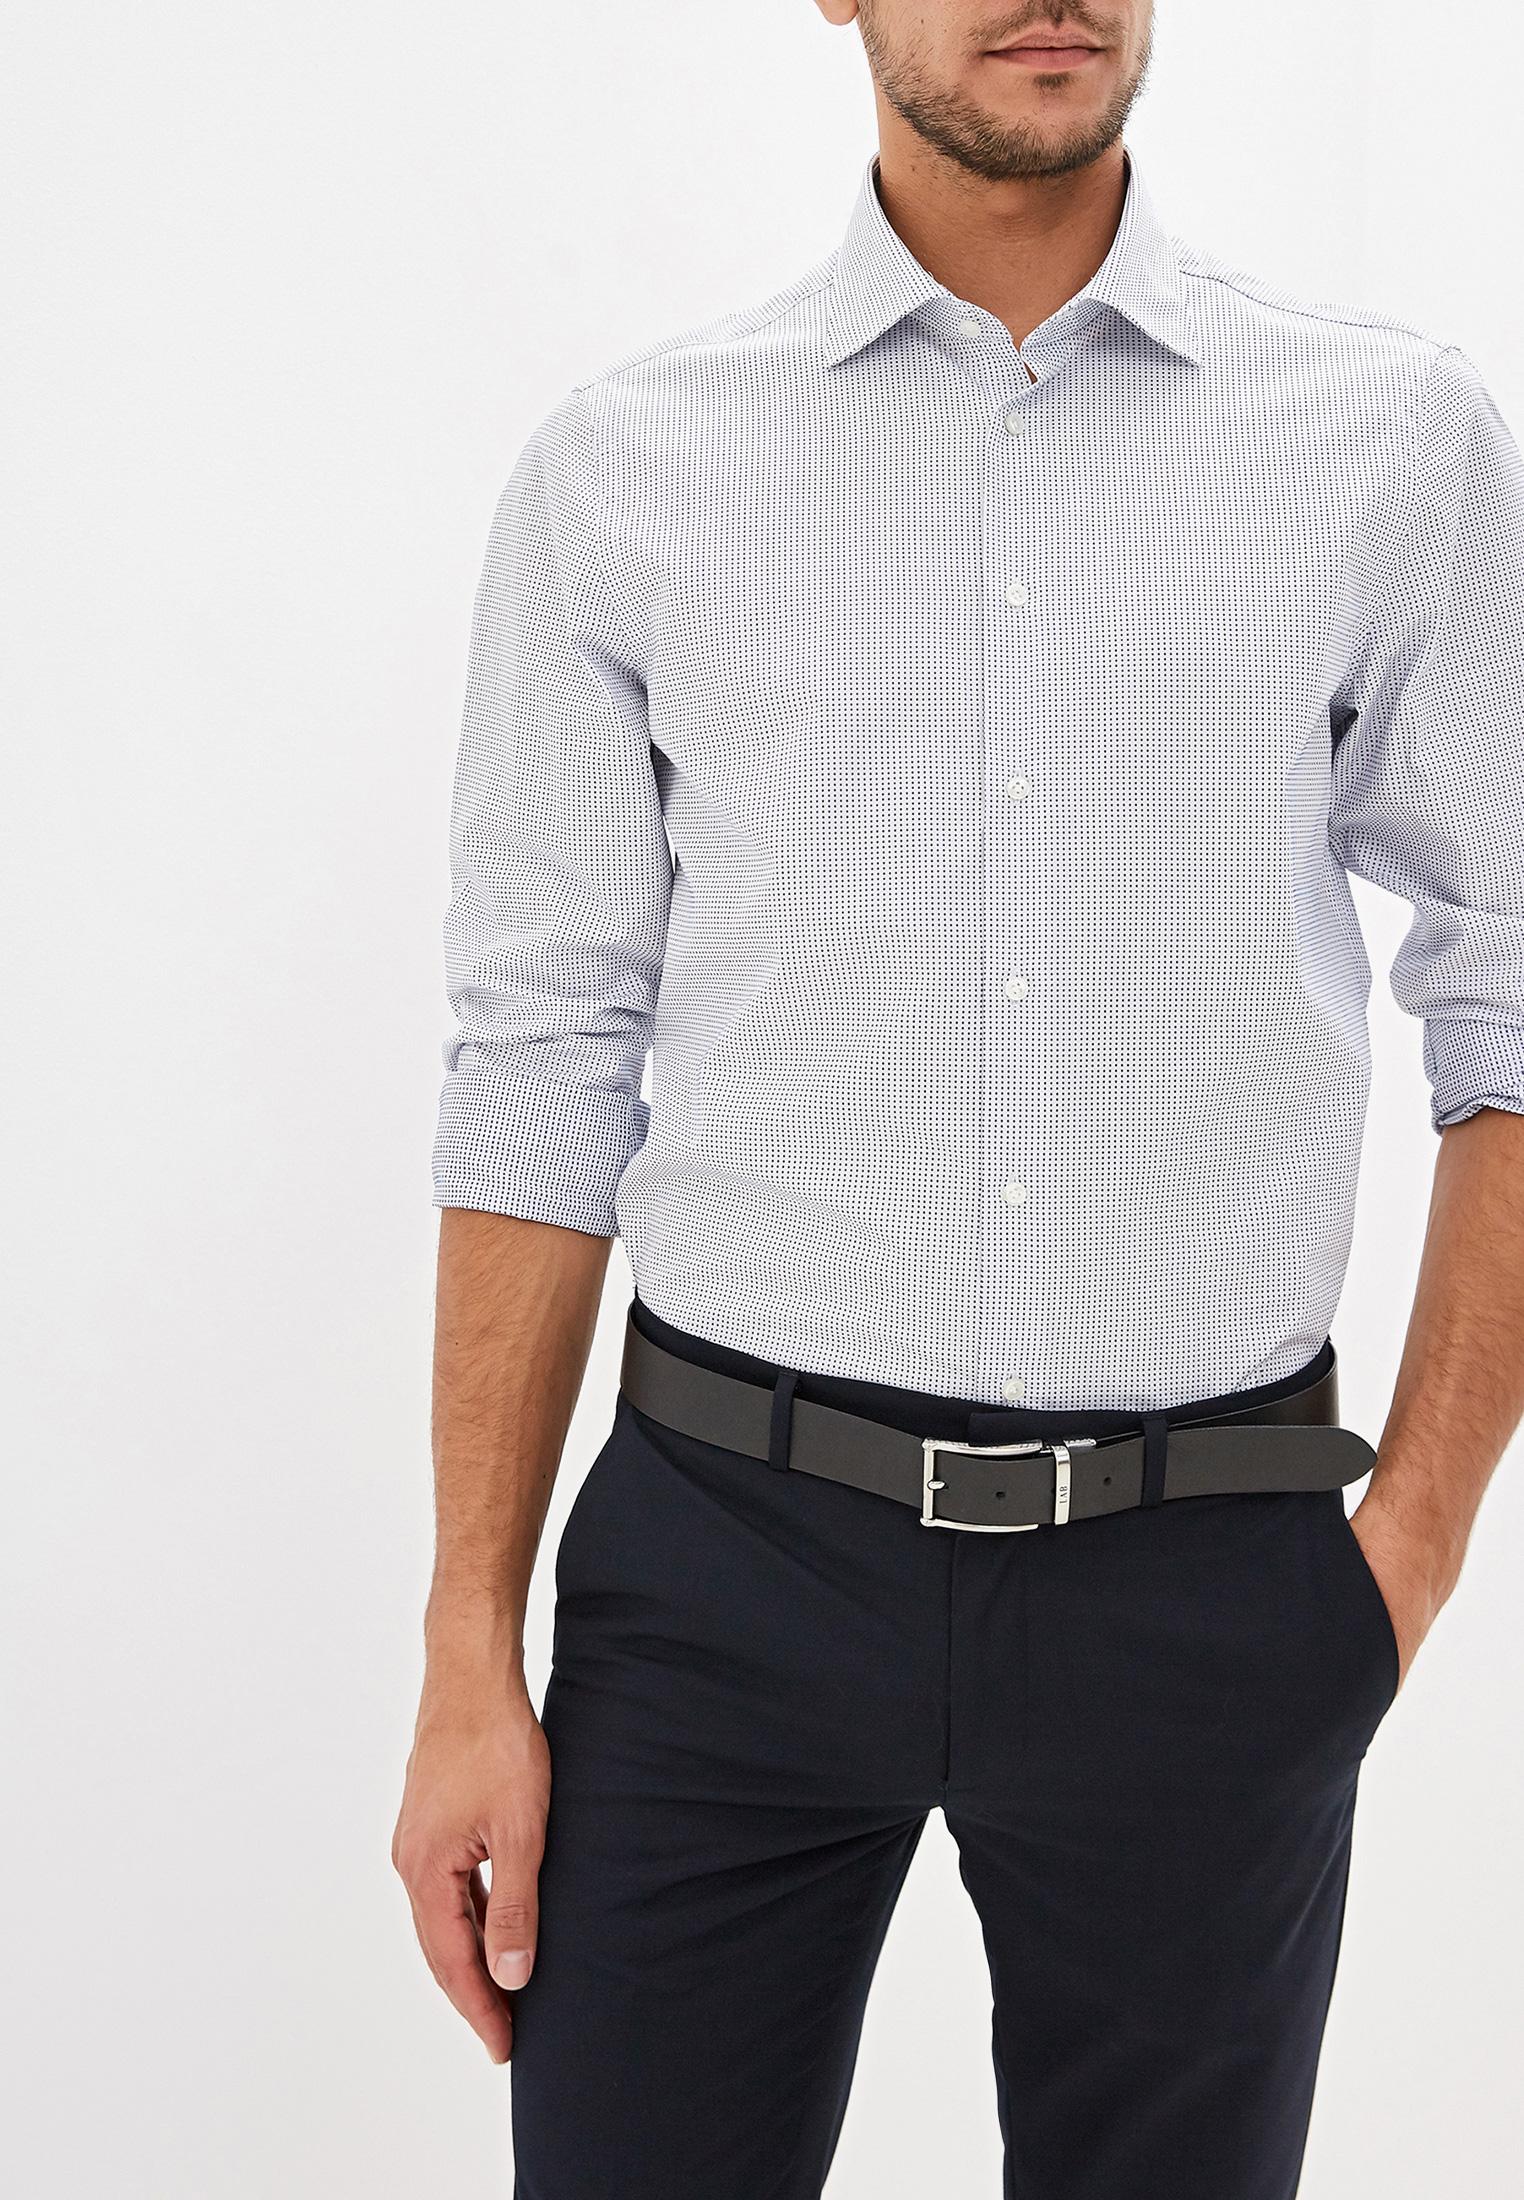 Рубашка с длинным рукавом Tommy Hilfiger (Томми Хилфигер) TT0TT06156